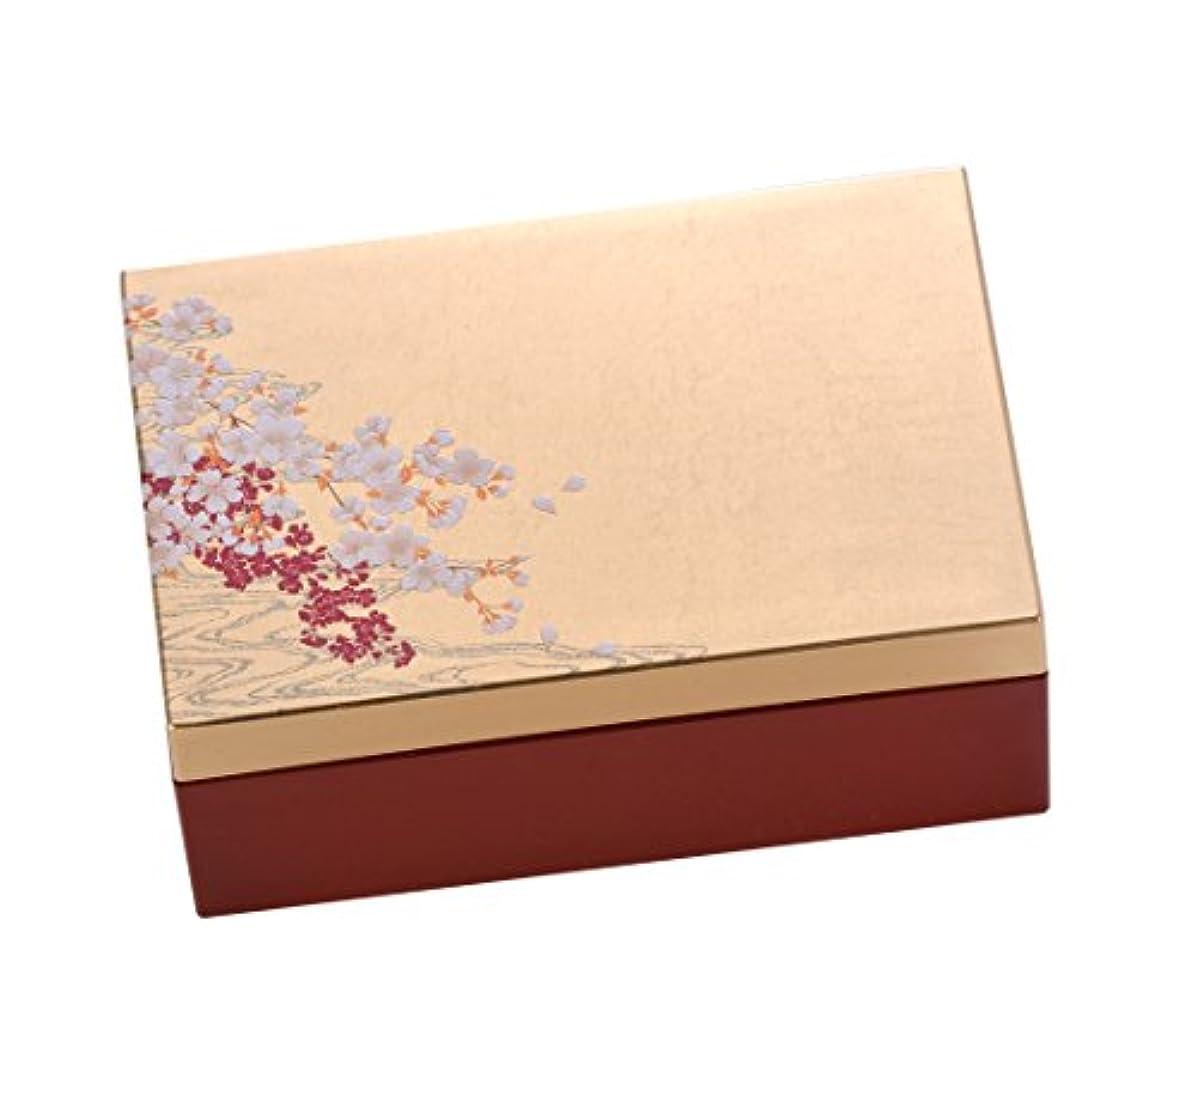 彼らのものストライド上昇箔一 ジュエリー収納 ゴールド 135×90×55mm 桜に流水 箔アクセサリーBOX S A182-04012